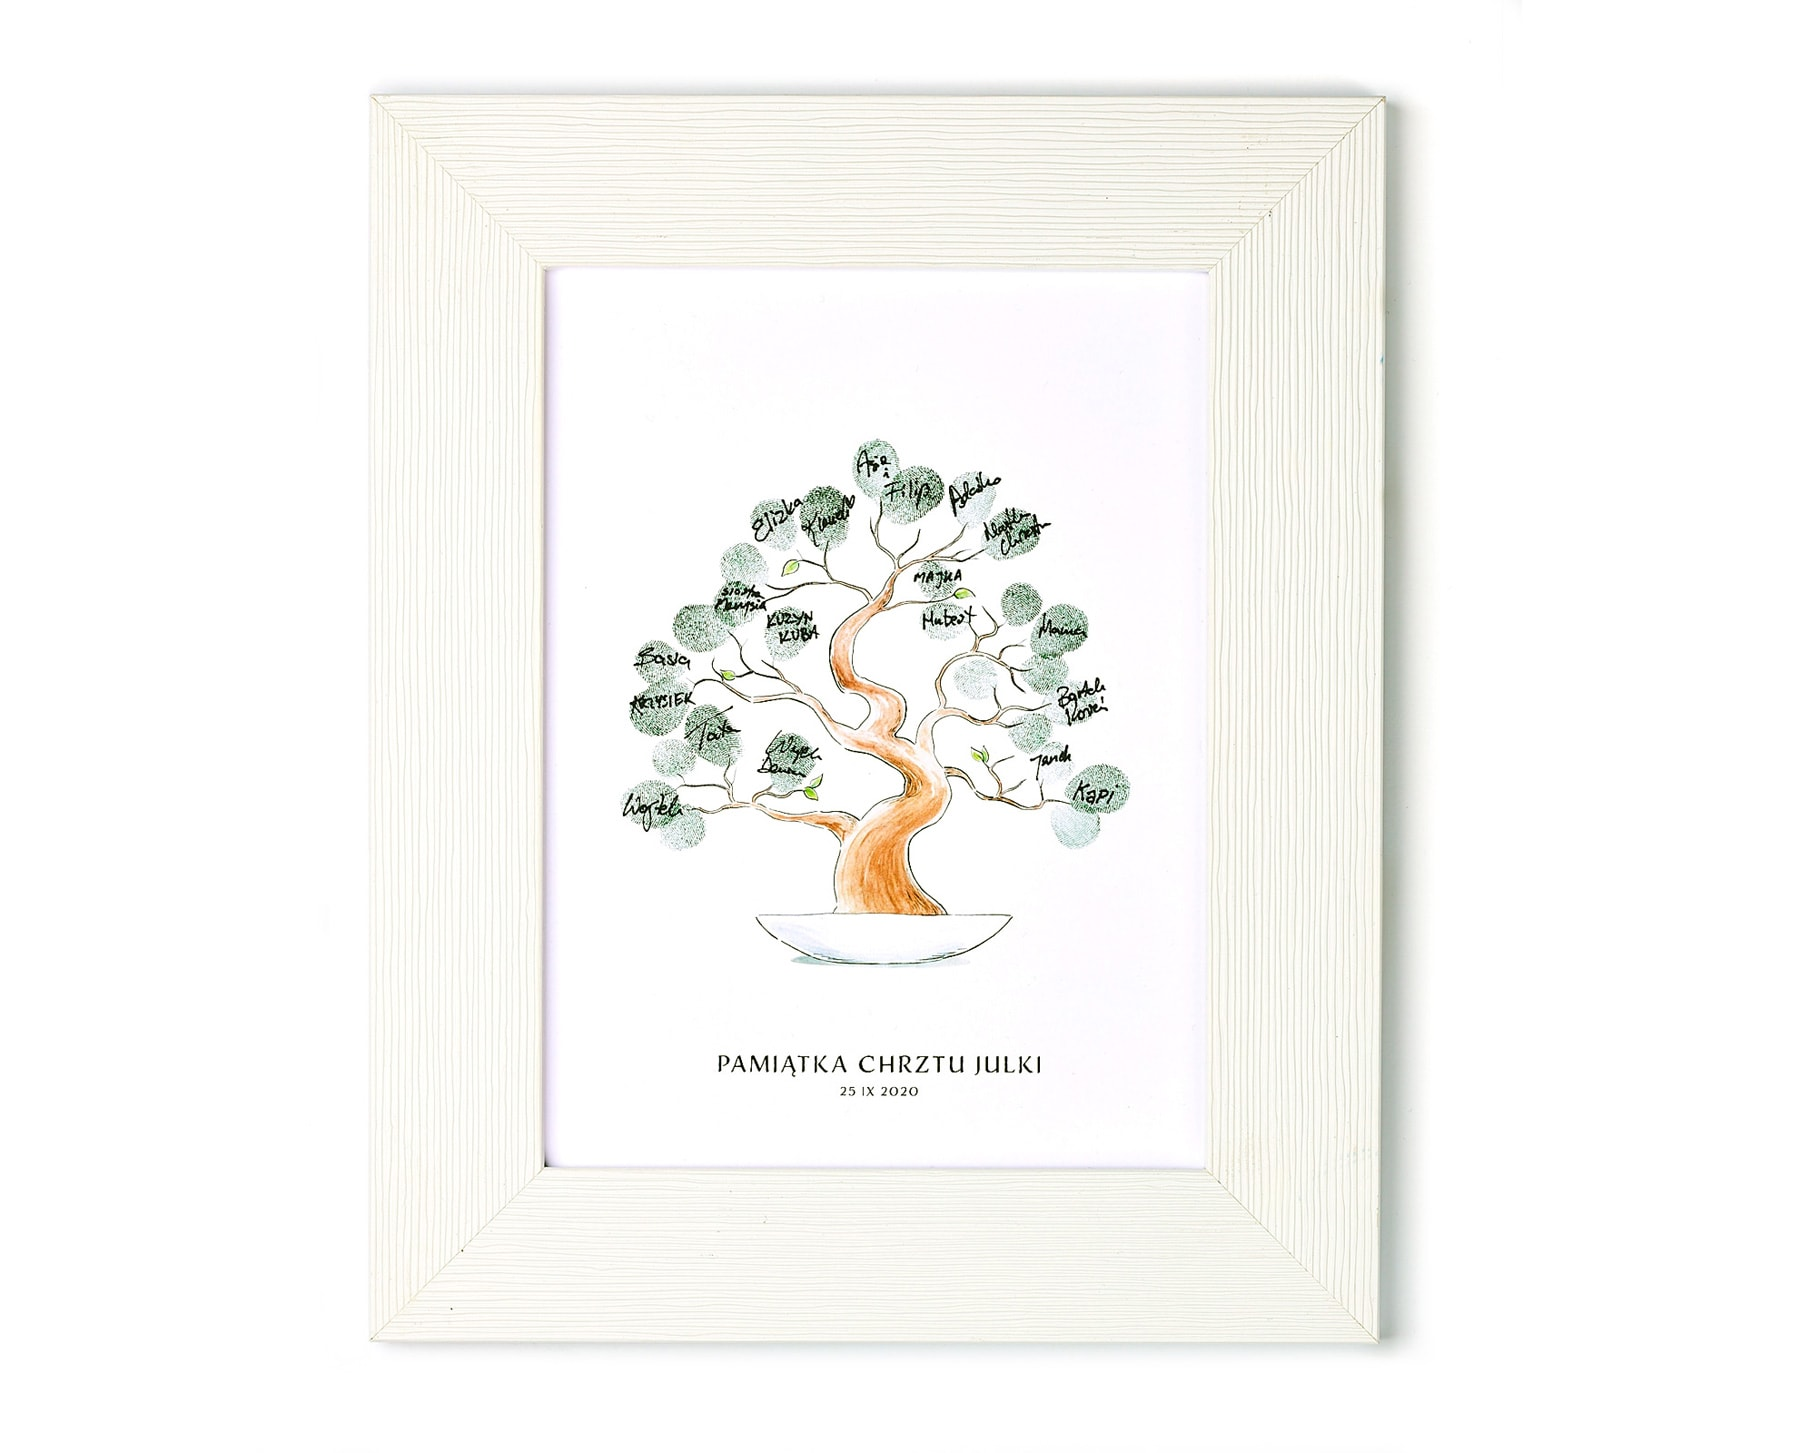 Pamiątka z chrztu świętego, obrazek w ramce, drzewko bonsai z odciskami palców